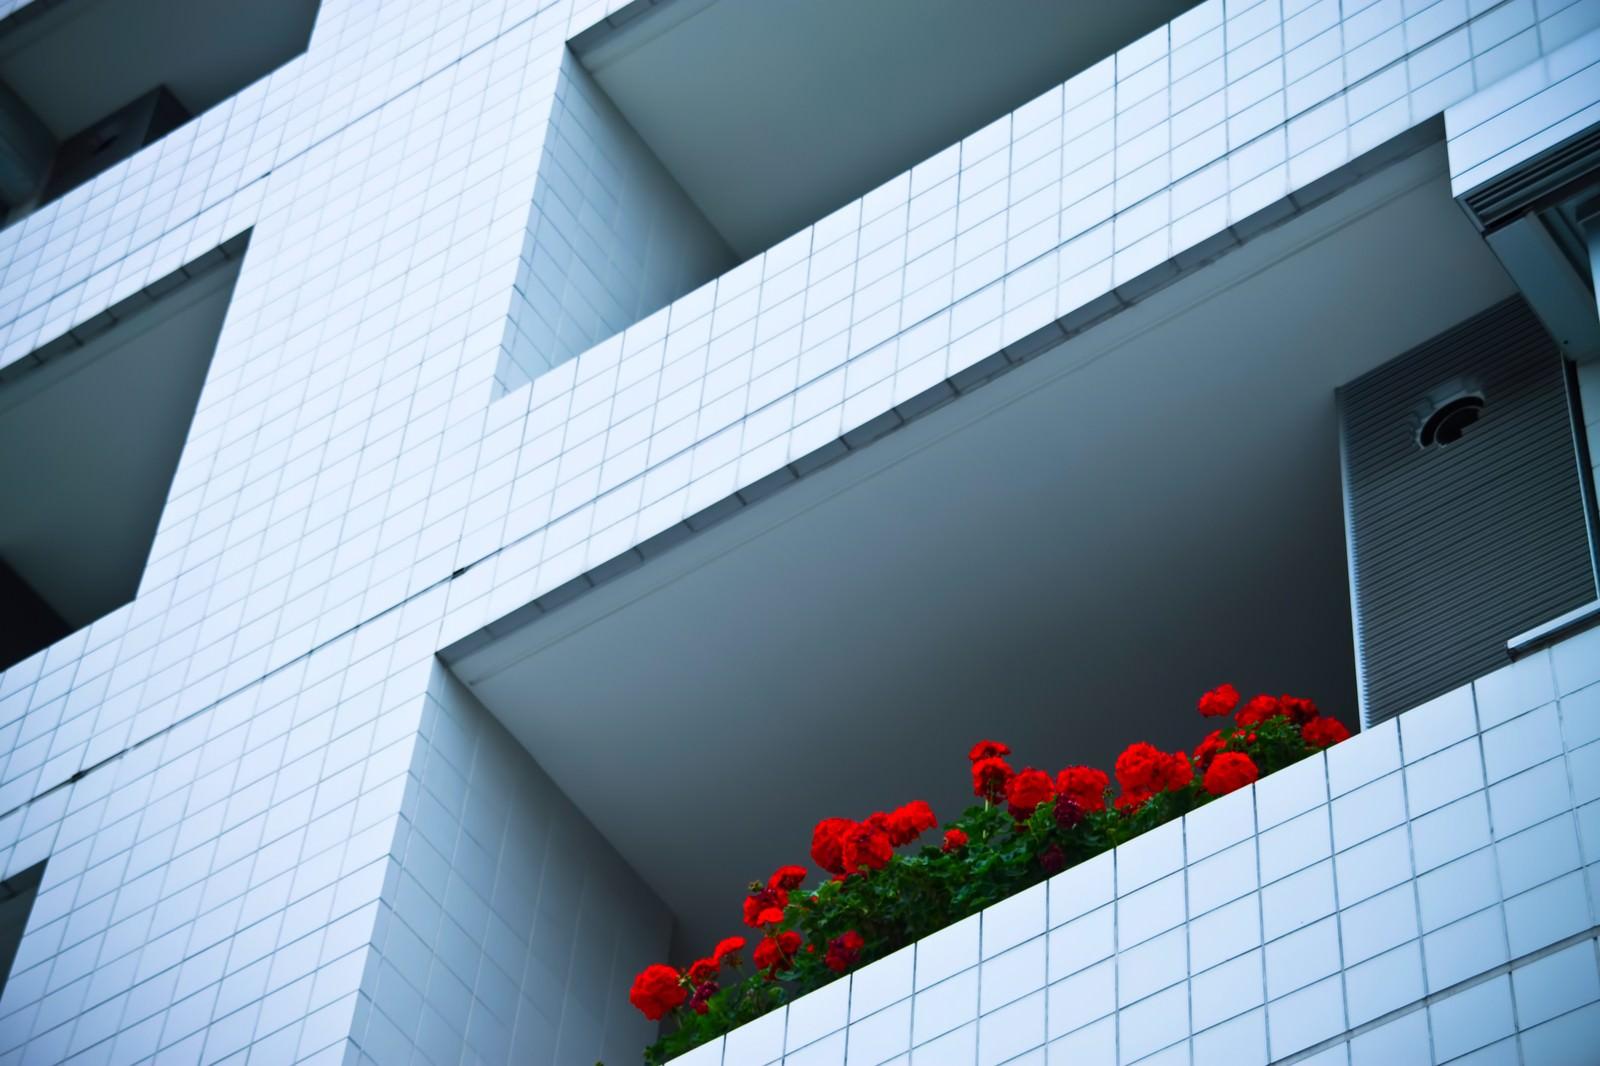 「マンションと赤い花マンションと赤い花」のフリー写真素材を拡大